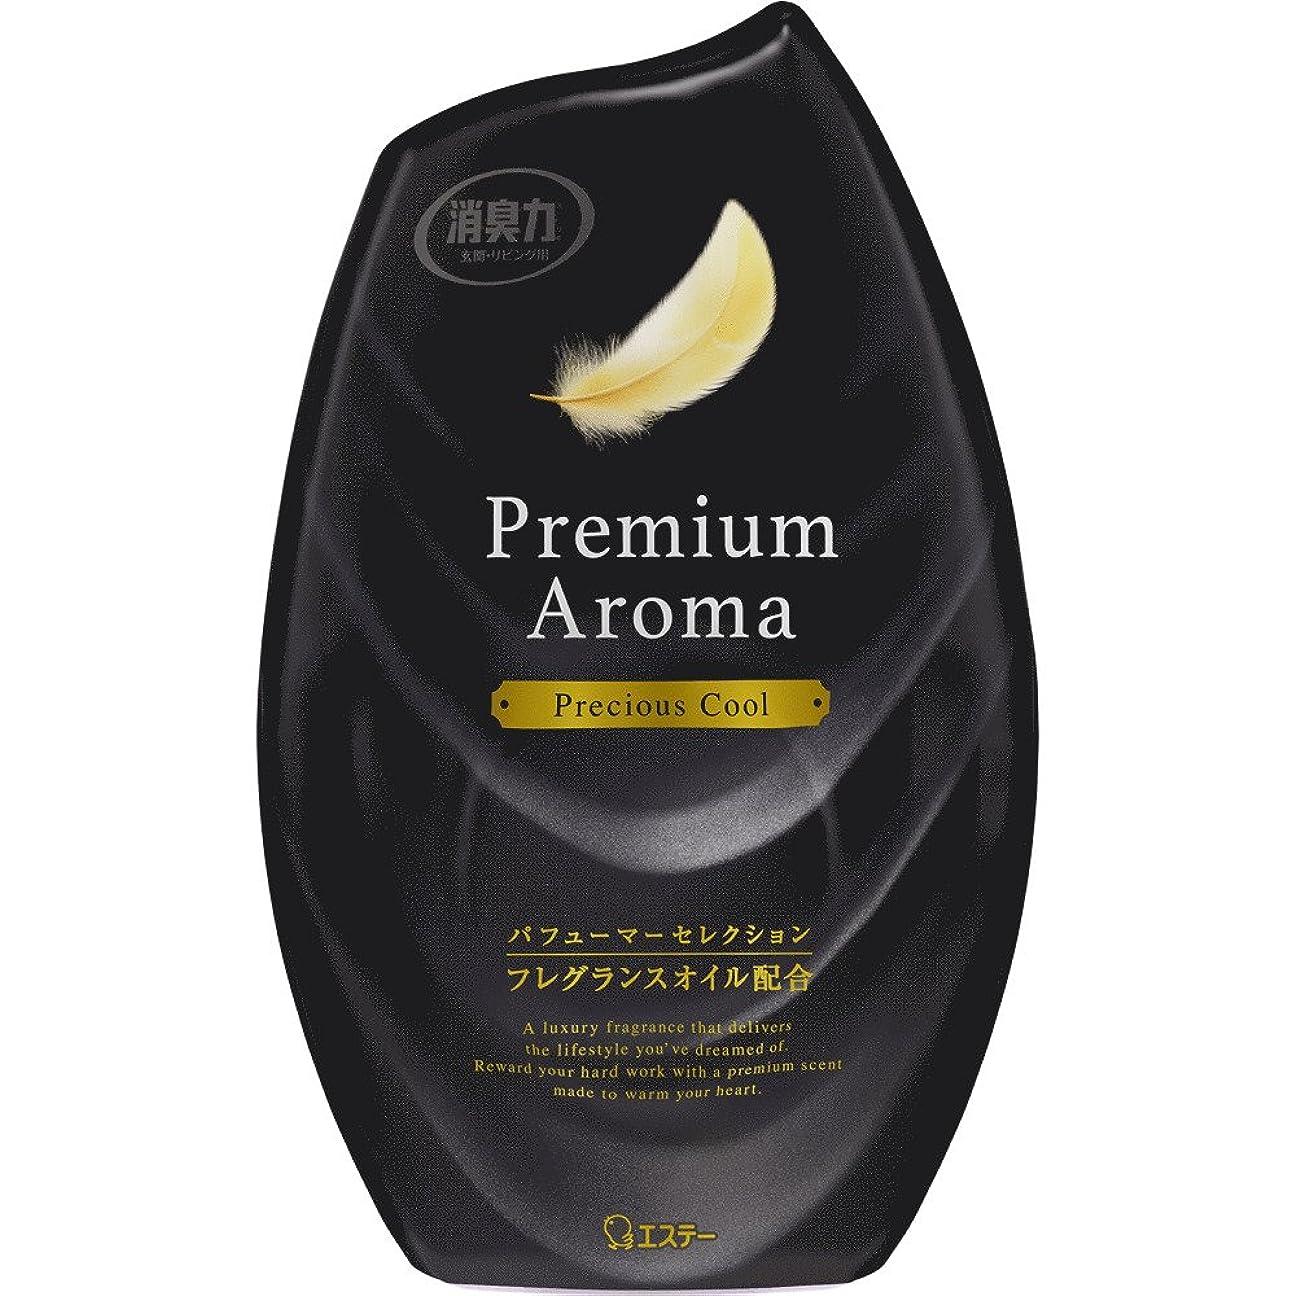 プラカード落ちた波紋お部屋の消臭力 プレミアムアロマ Premium Aroma 消臭芳香剤 部屋用 部屋 プレシャスクールの香り 400ml